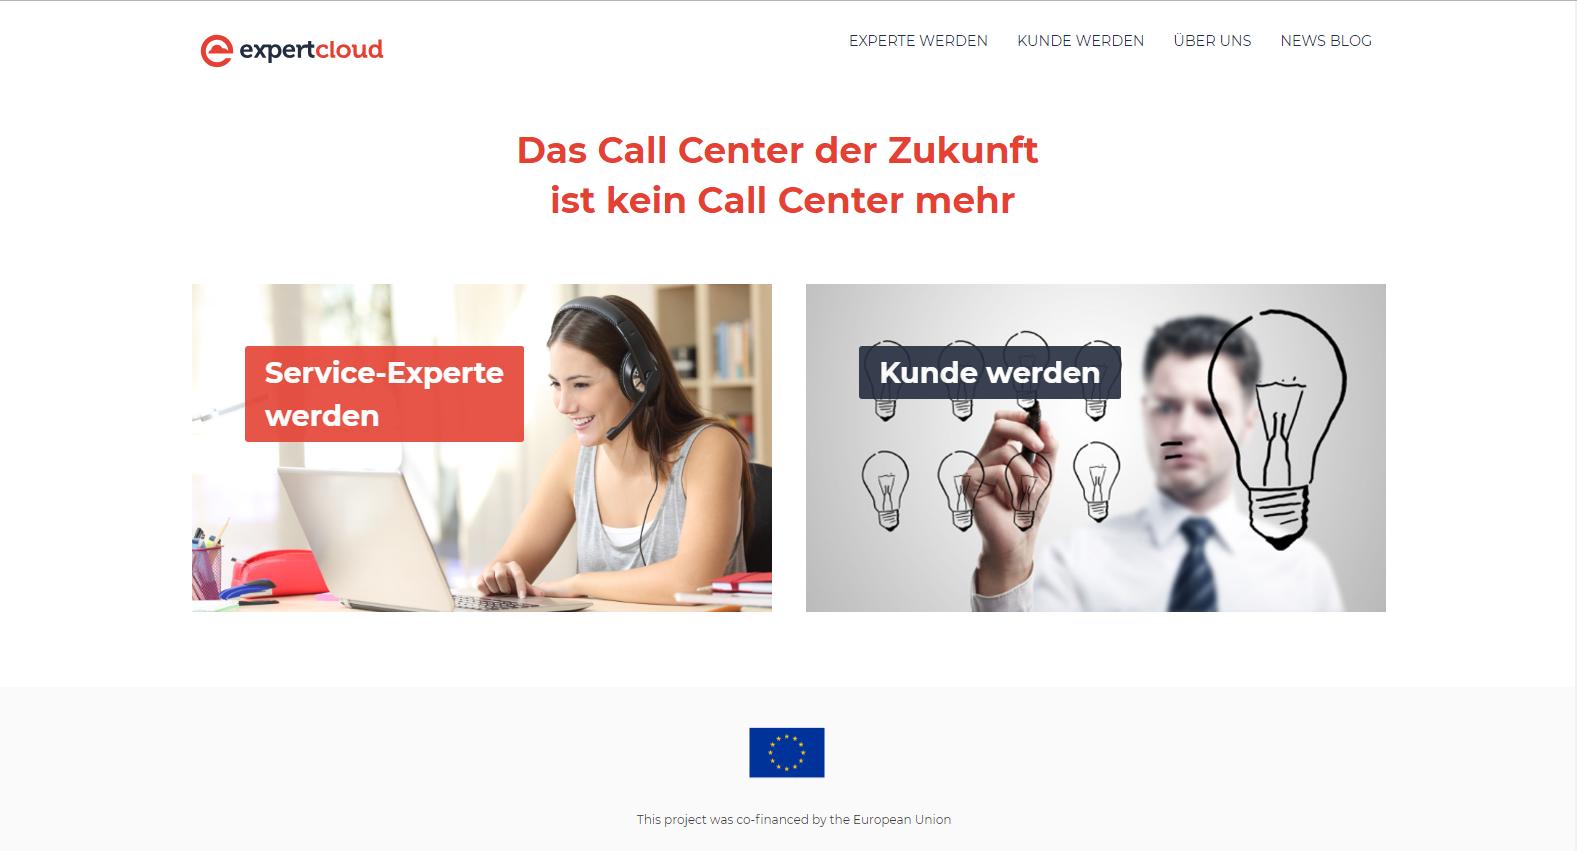 expertcloud